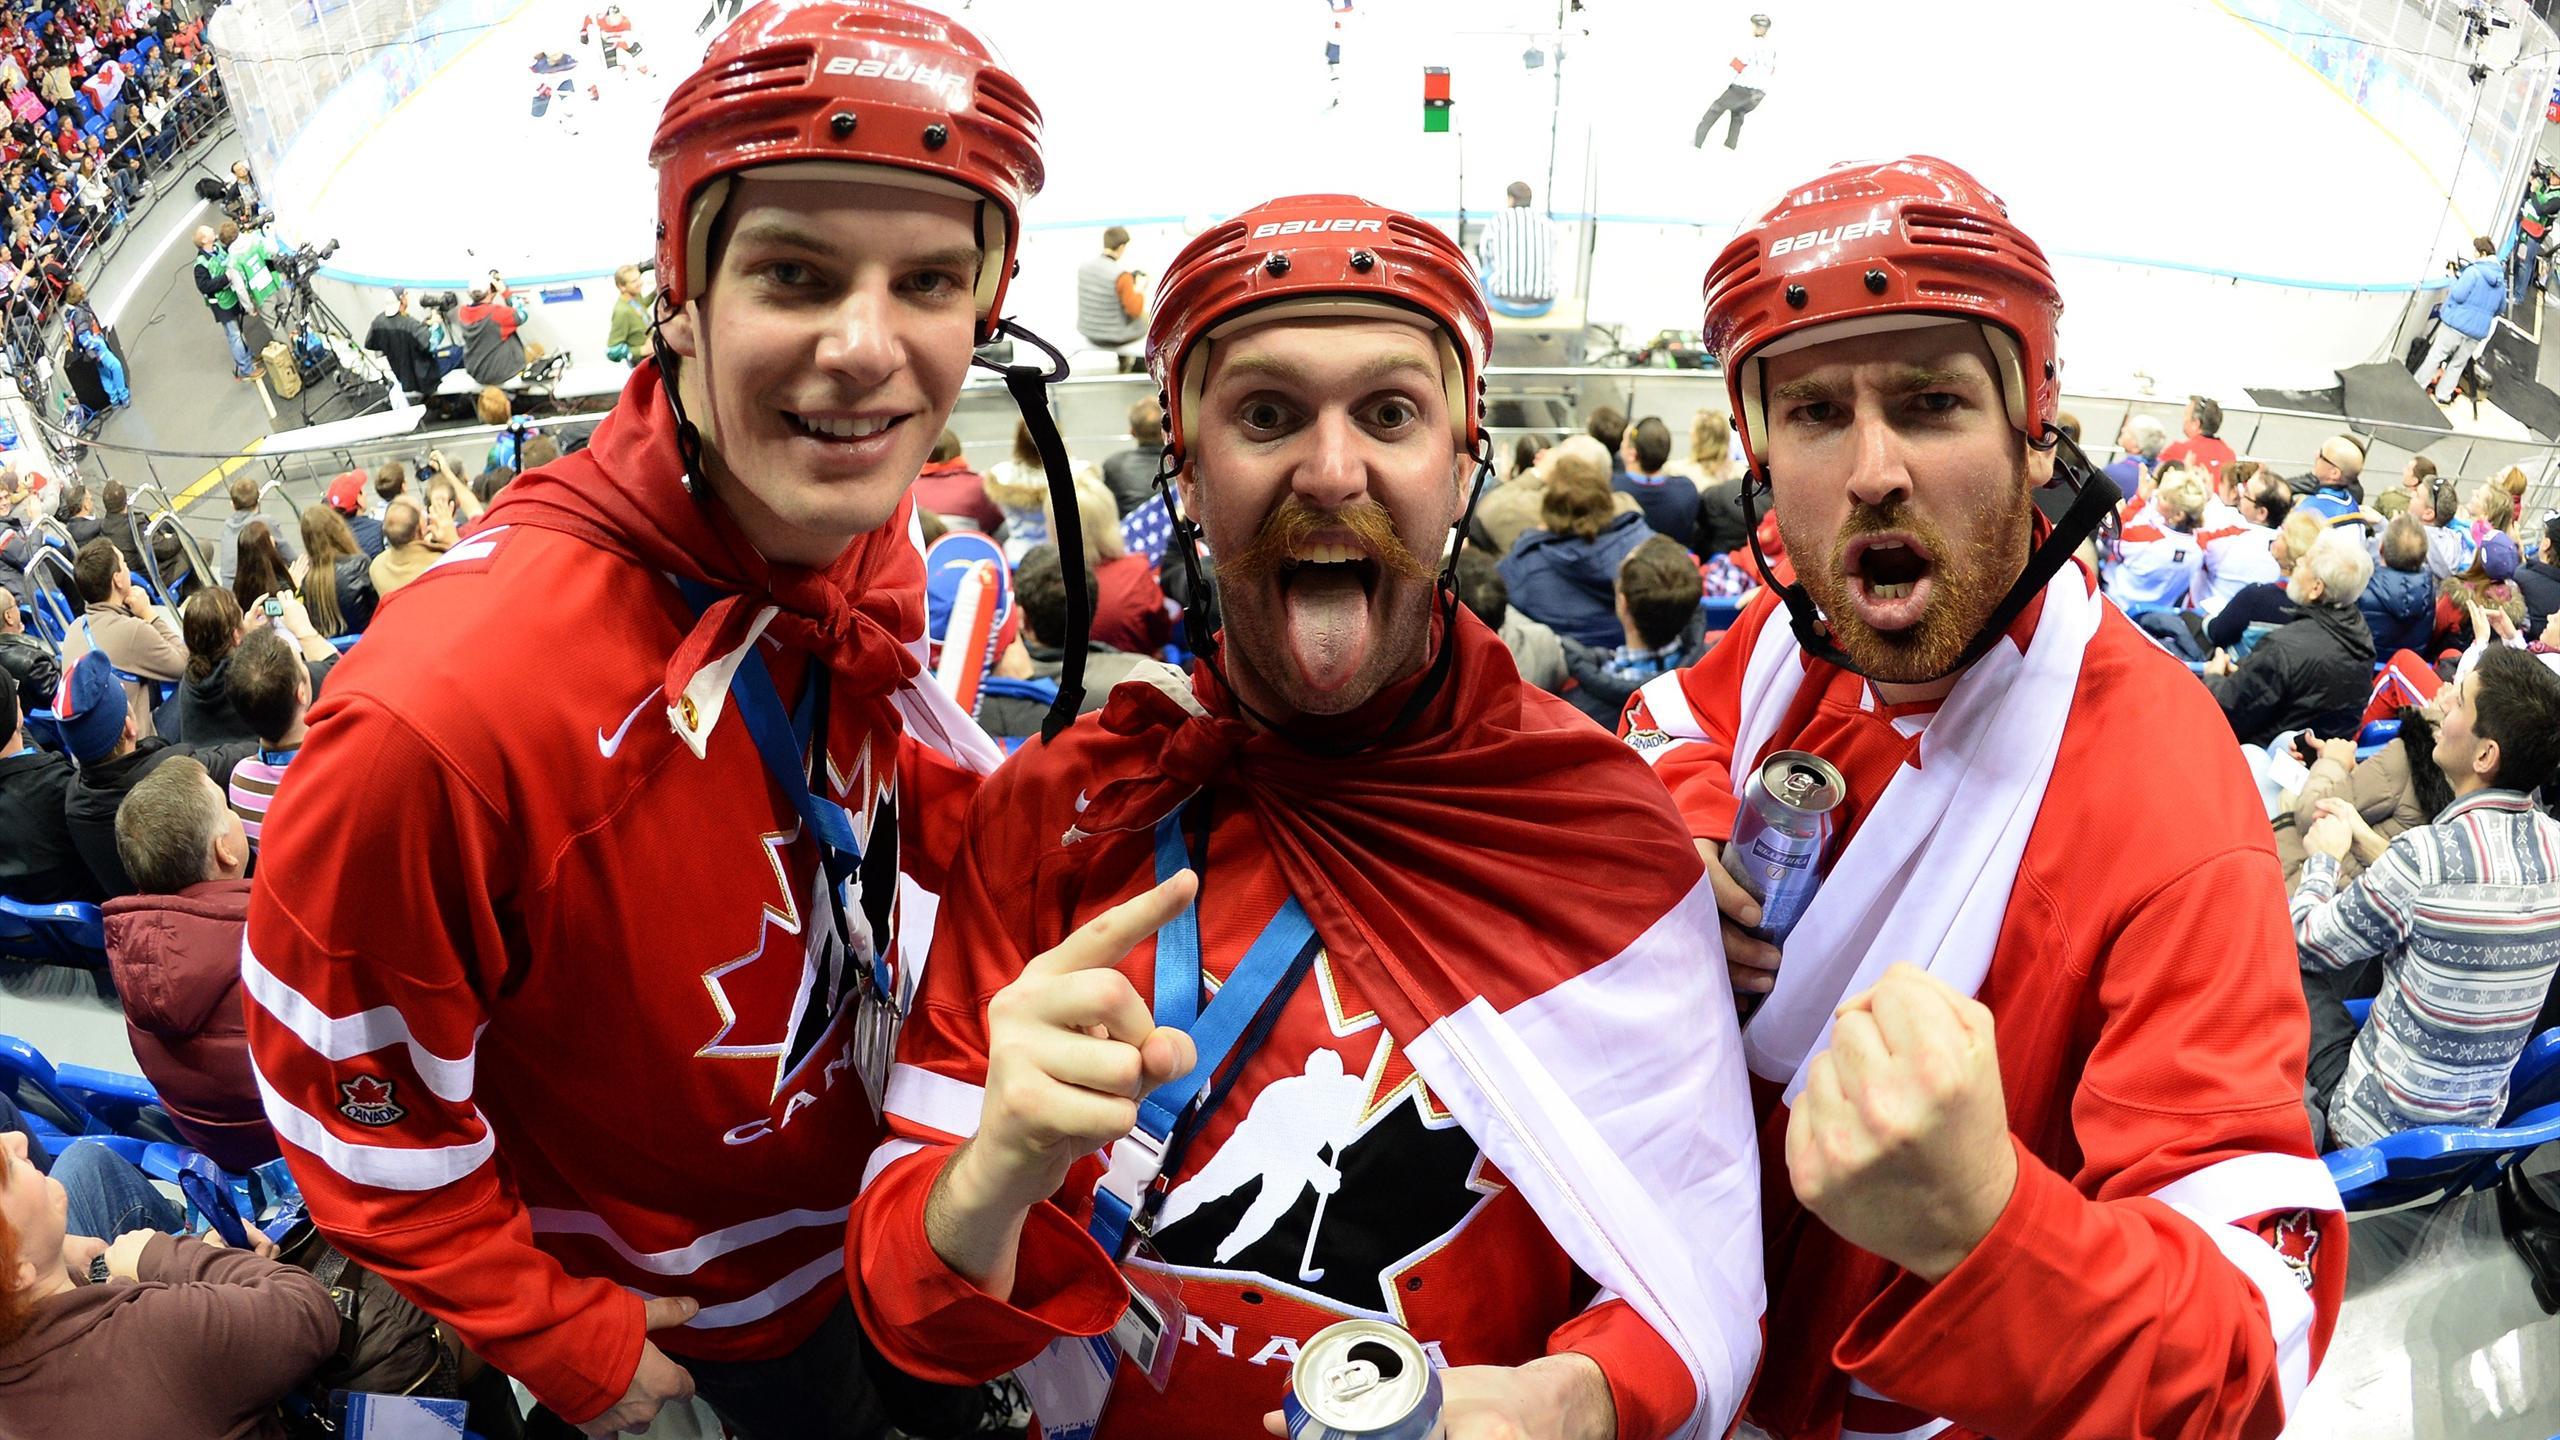 Болельщики на хоккее картинки